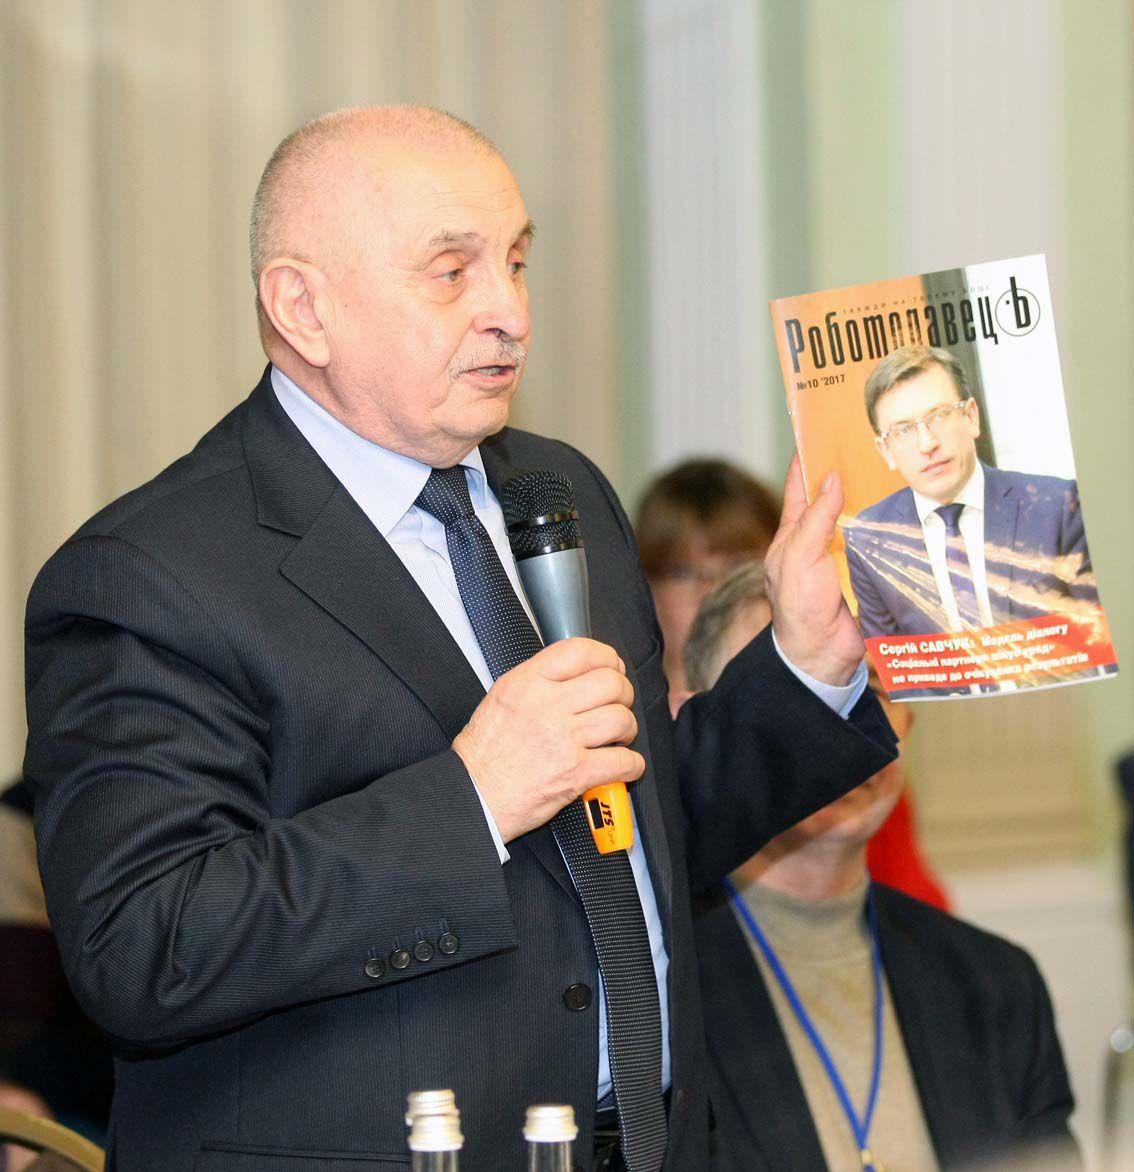 Соціальний діалог — продовження парламентської демократії